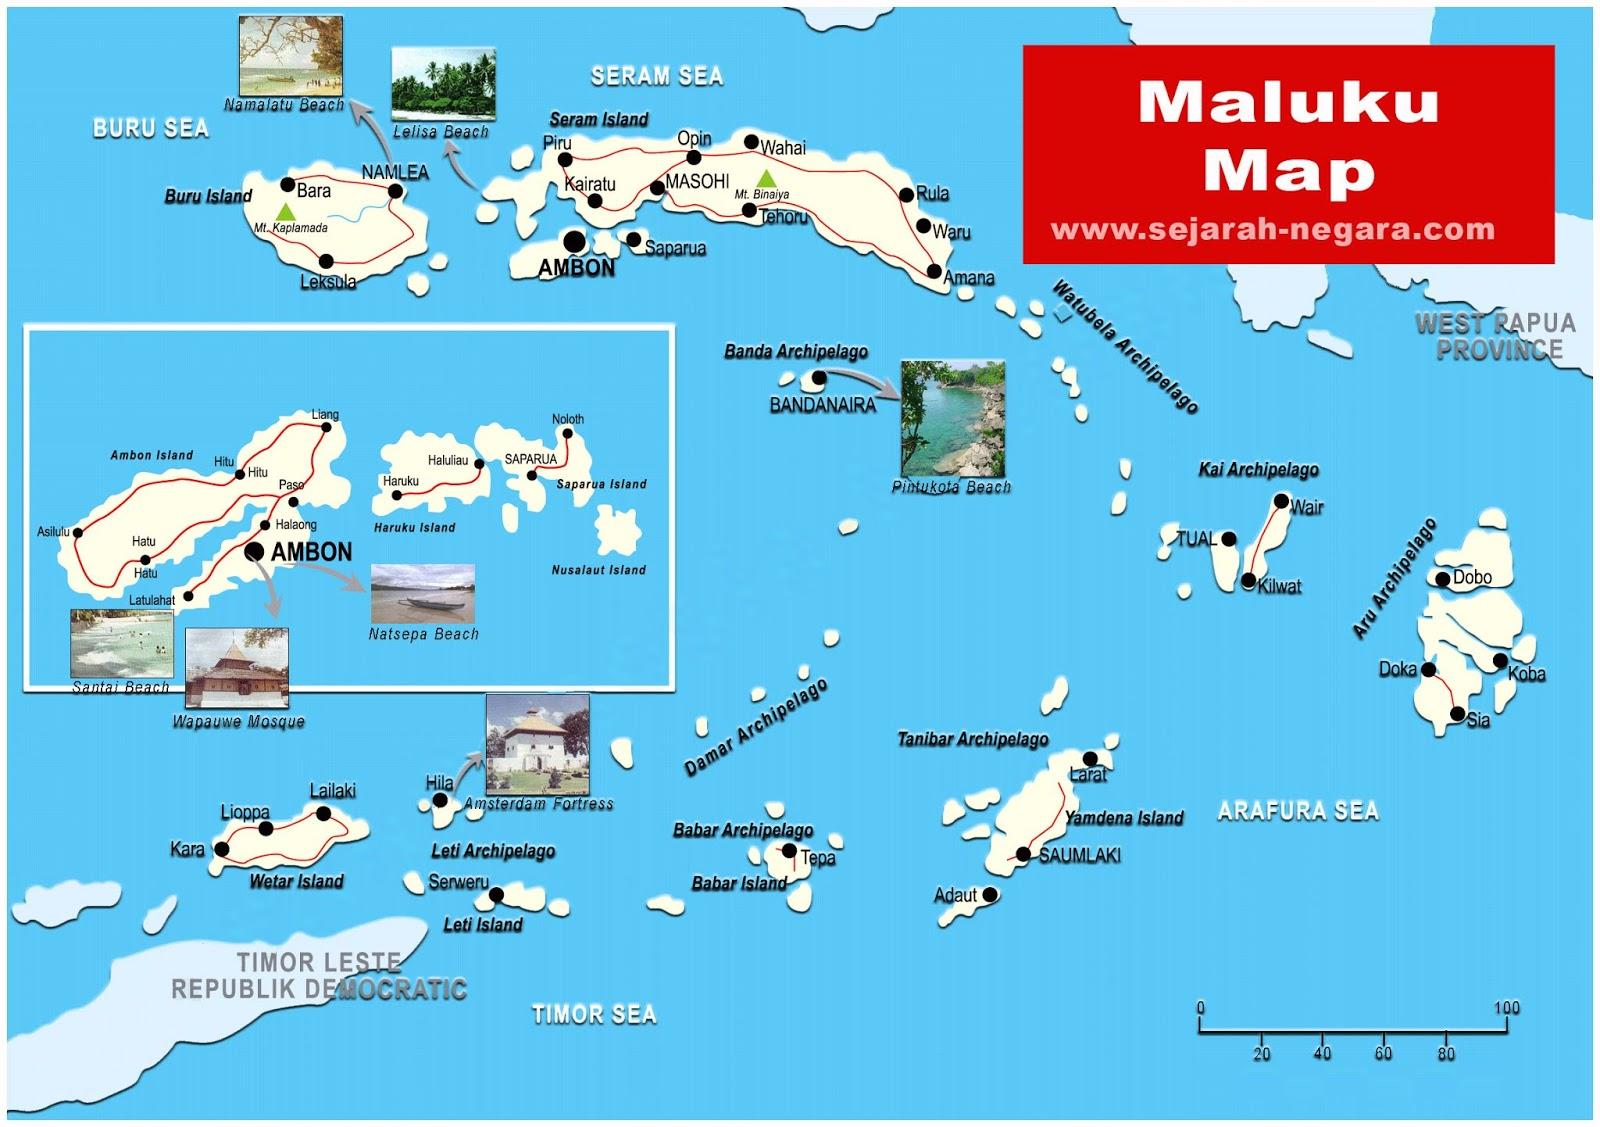 image: maluku map